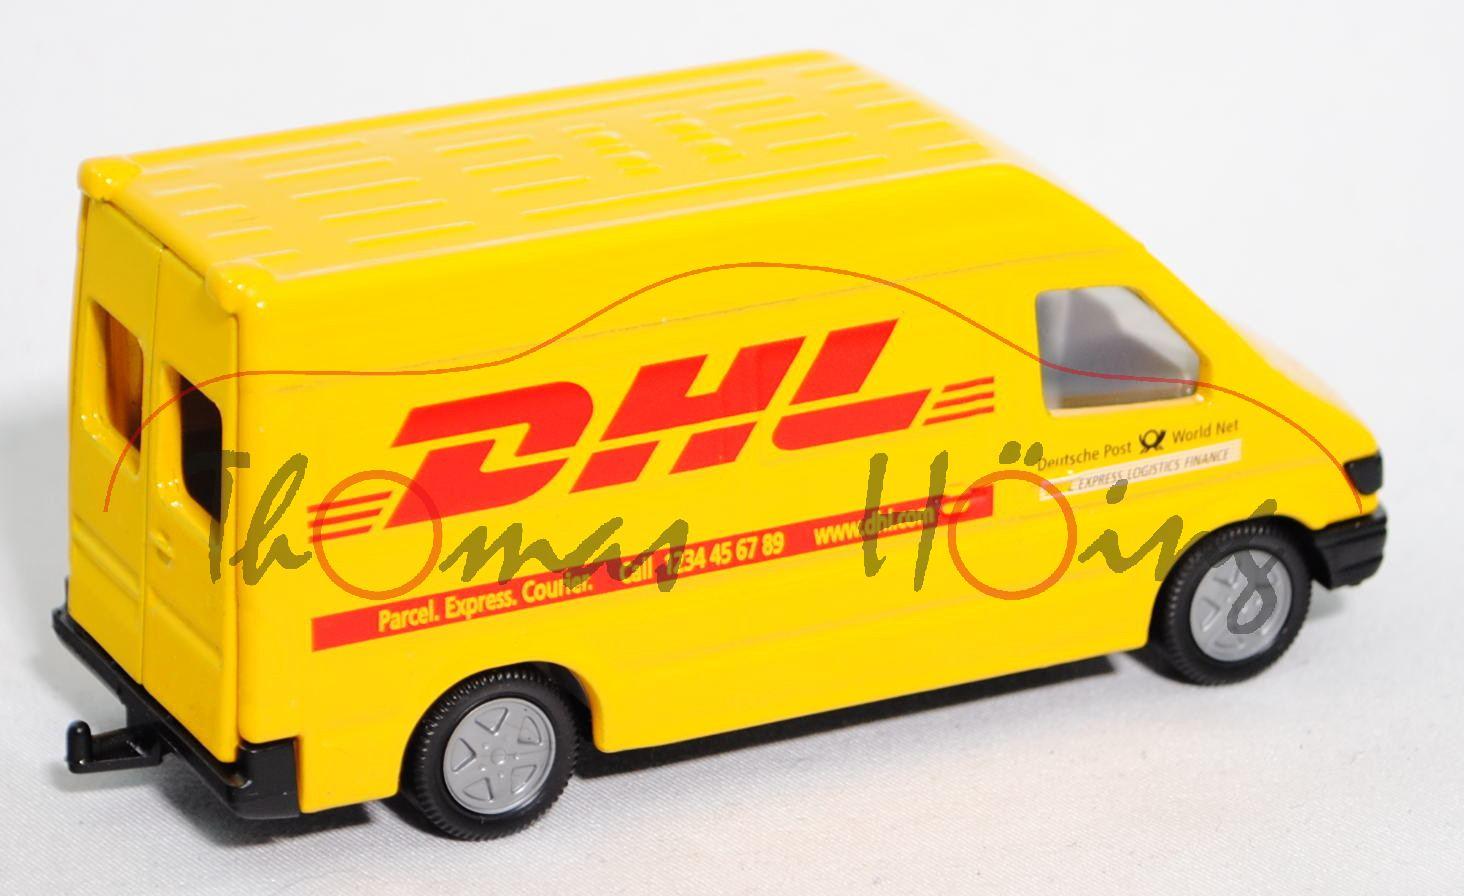 00002 mercedes benz sprinter hochdach kastenwagen. Black Bedroom Furniture Sets. Home Design Ideas